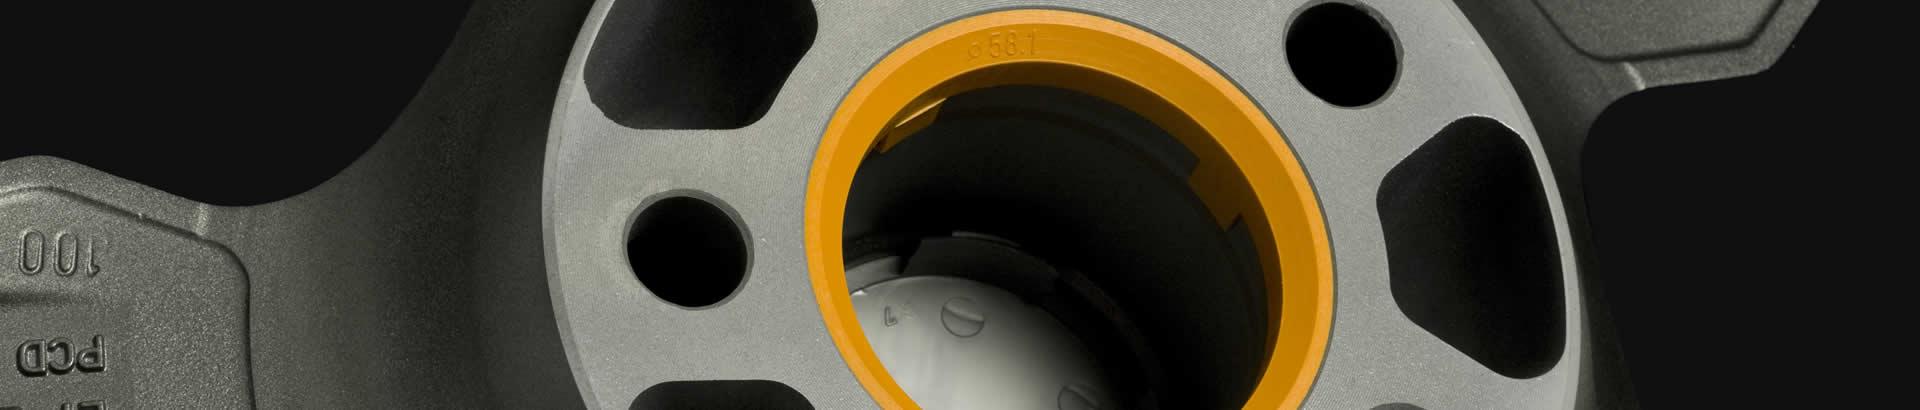 DBV 10 x ZENTRIERRINGE DISTANZRING f/ür ALUFELGEN FZ24 74,1-66,1 mm CMS Proline Wheels Schmidt Revolution